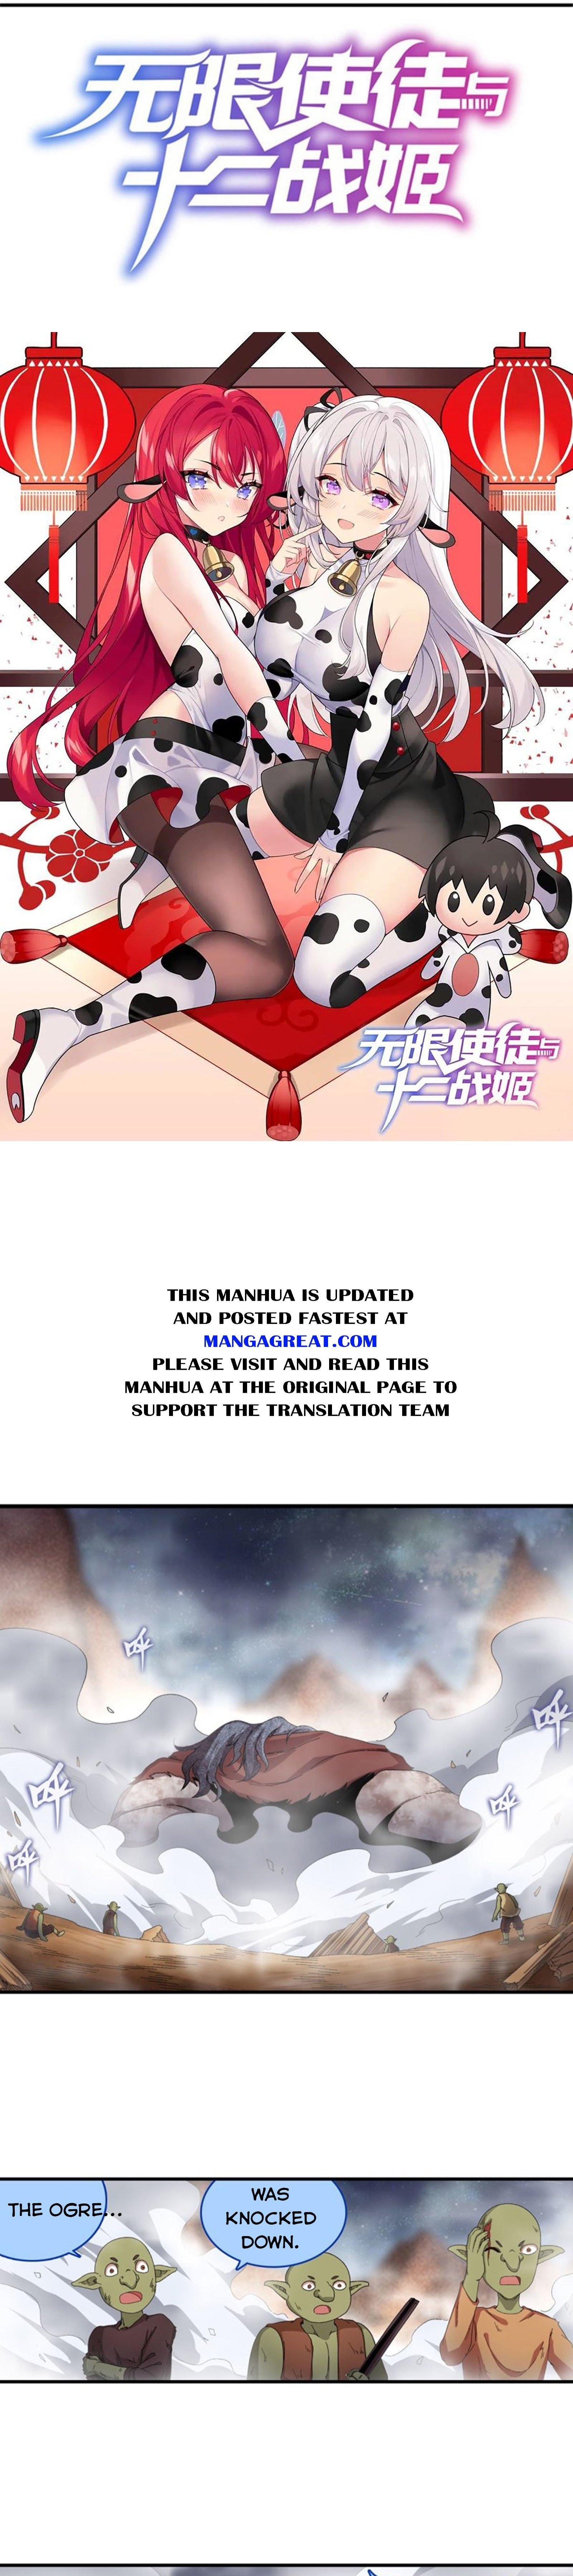 Manga Infinite Apostles And Twelve War Girls - Chapter 87 Page 1